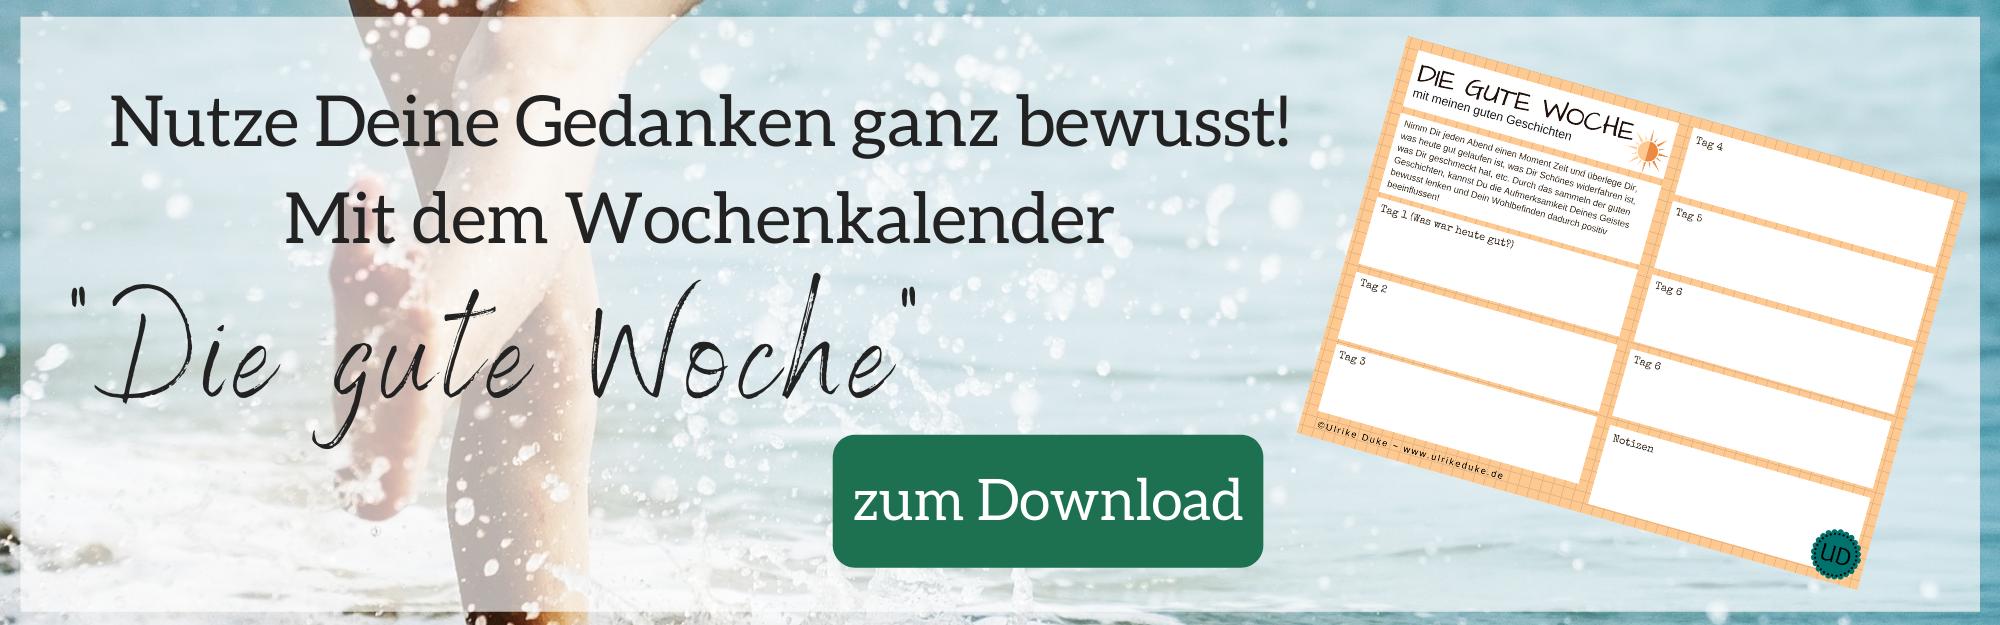 Diplom Psychologin Psychologe 74821 Mosbach Wochenkalender Die gute Woche die macht des positiven Denkens der Gedanken